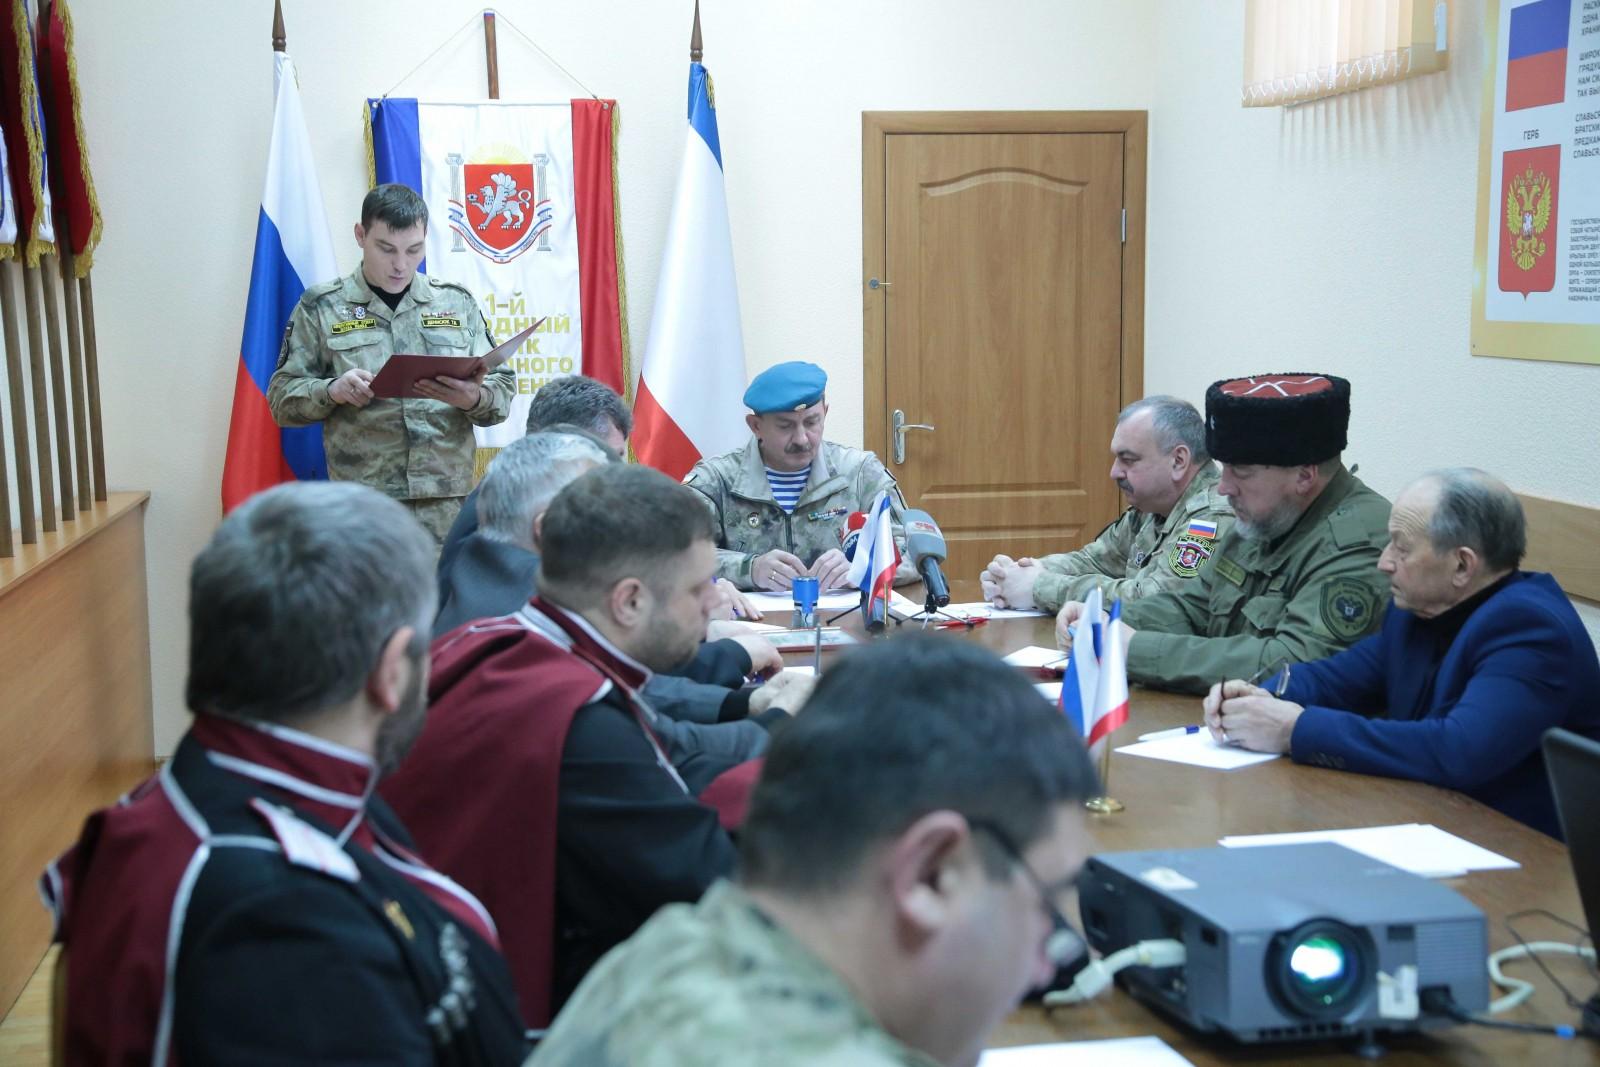 Народное ополчение Республики подписало соглашение о сотрудничестве с шестью общественными организациями Крыма